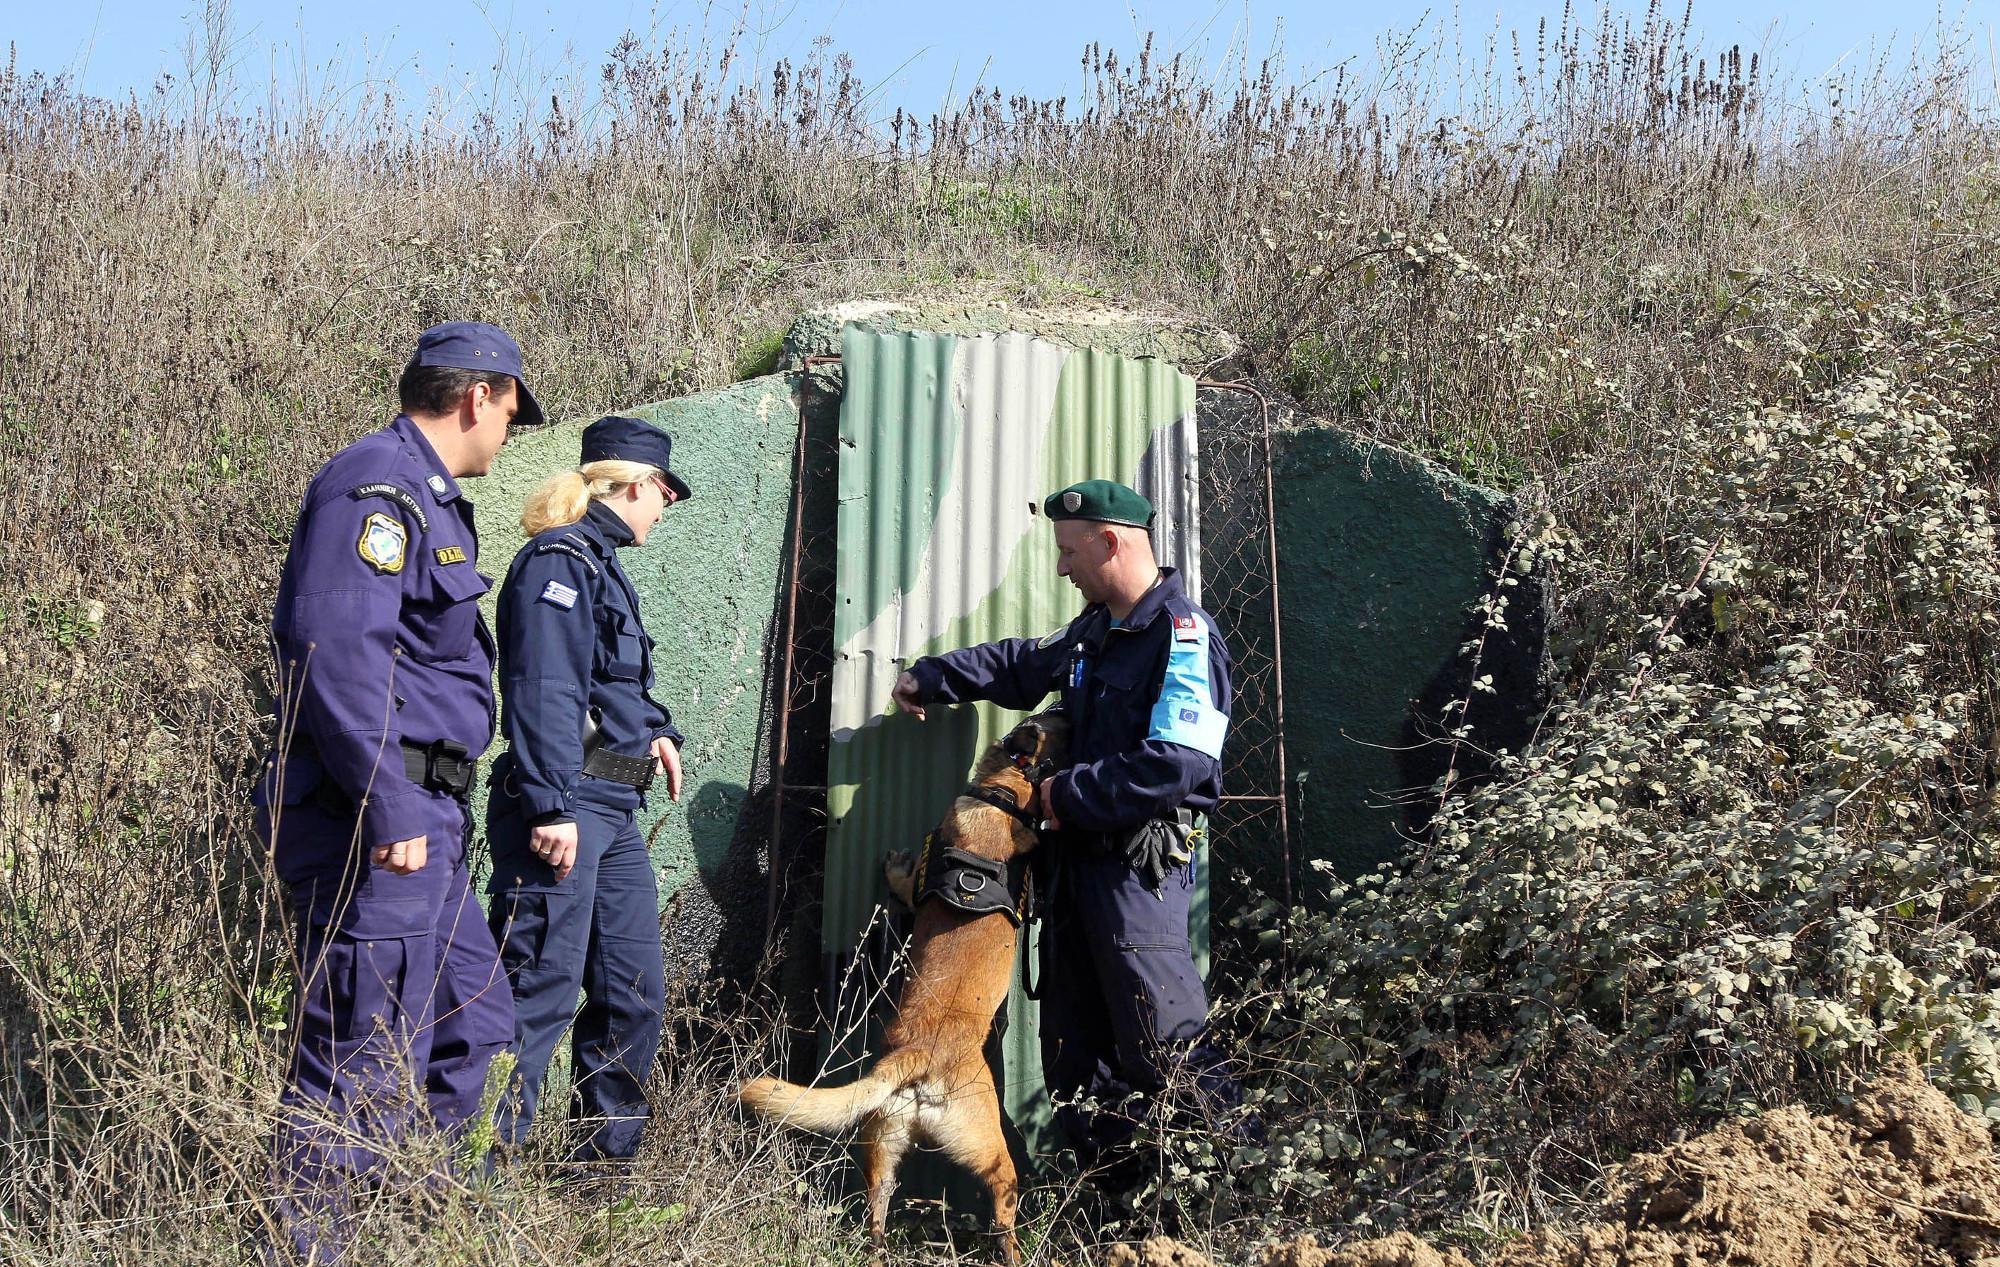 Καταγγελία σοκ για νέα ακραία πρόκληση των Τούρκων στον Έβρο: Πυροβόλησαν κατά περιπολικού της Frontex